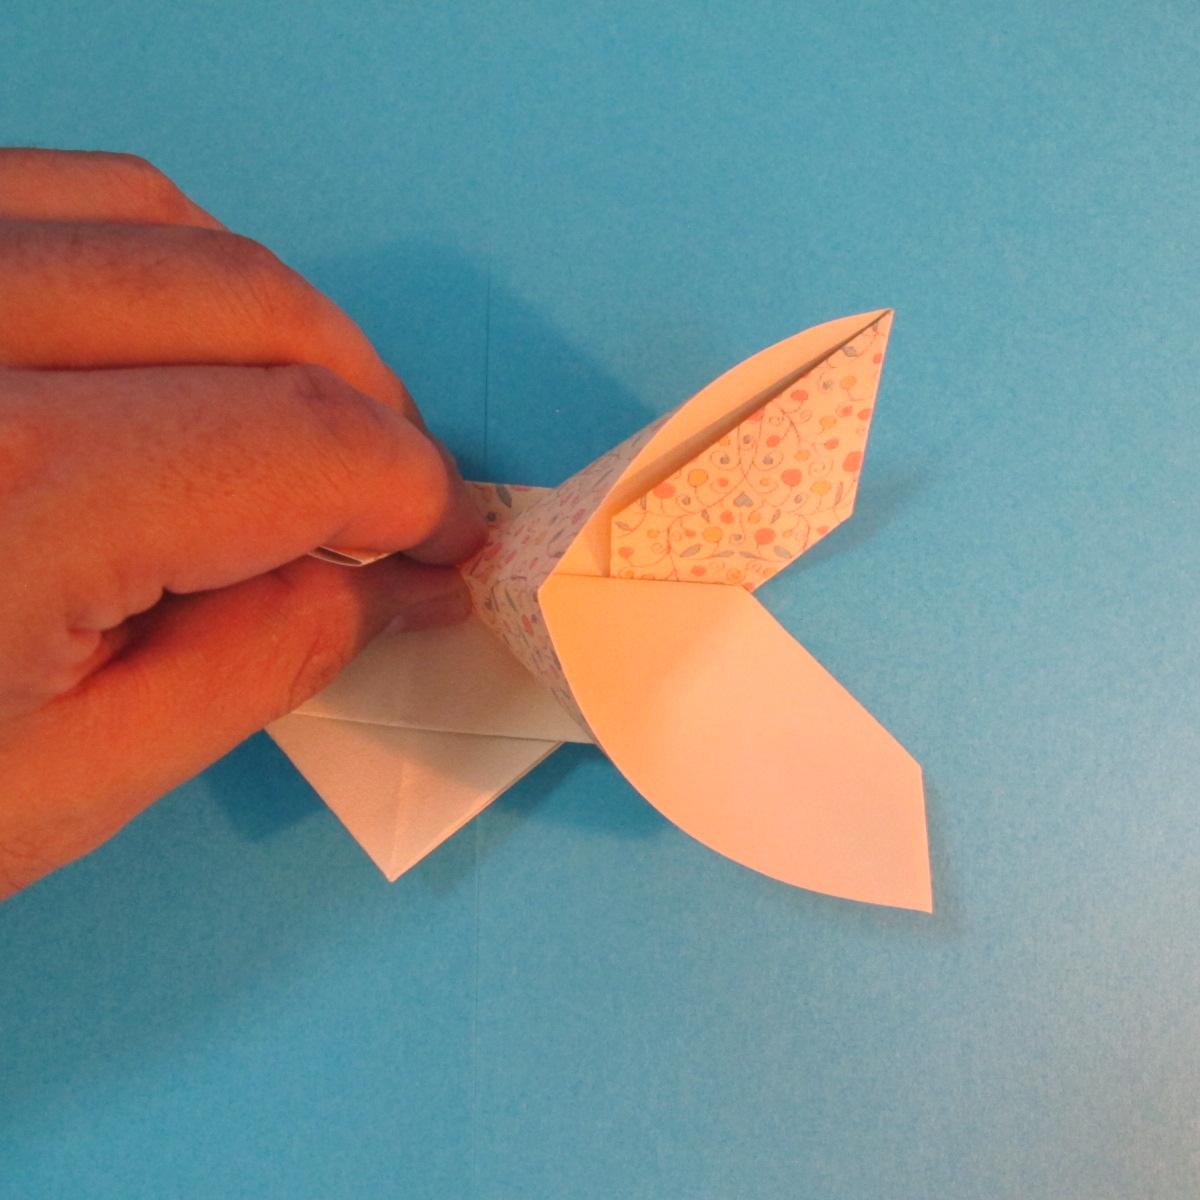 วิธีพับกระดาษเป็นผีเสื้อหางแฉก 028